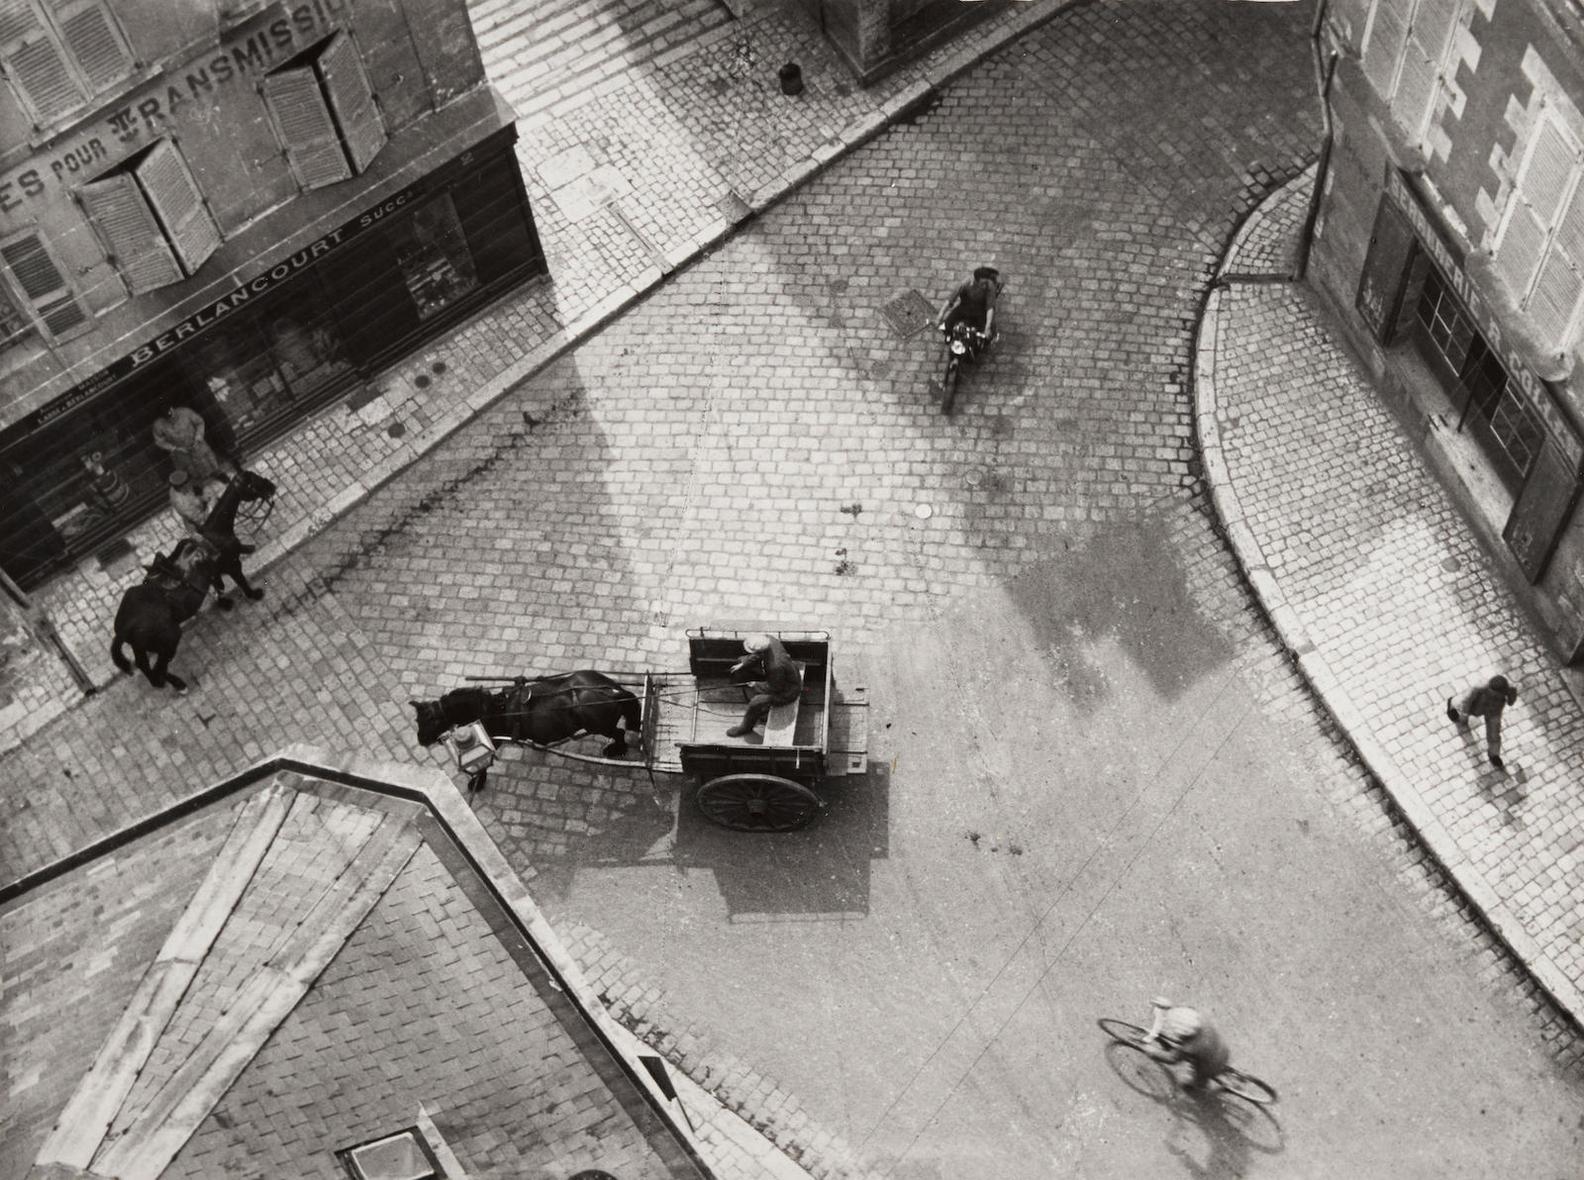 Andre Kertesz-Carrefour, Blois-1930